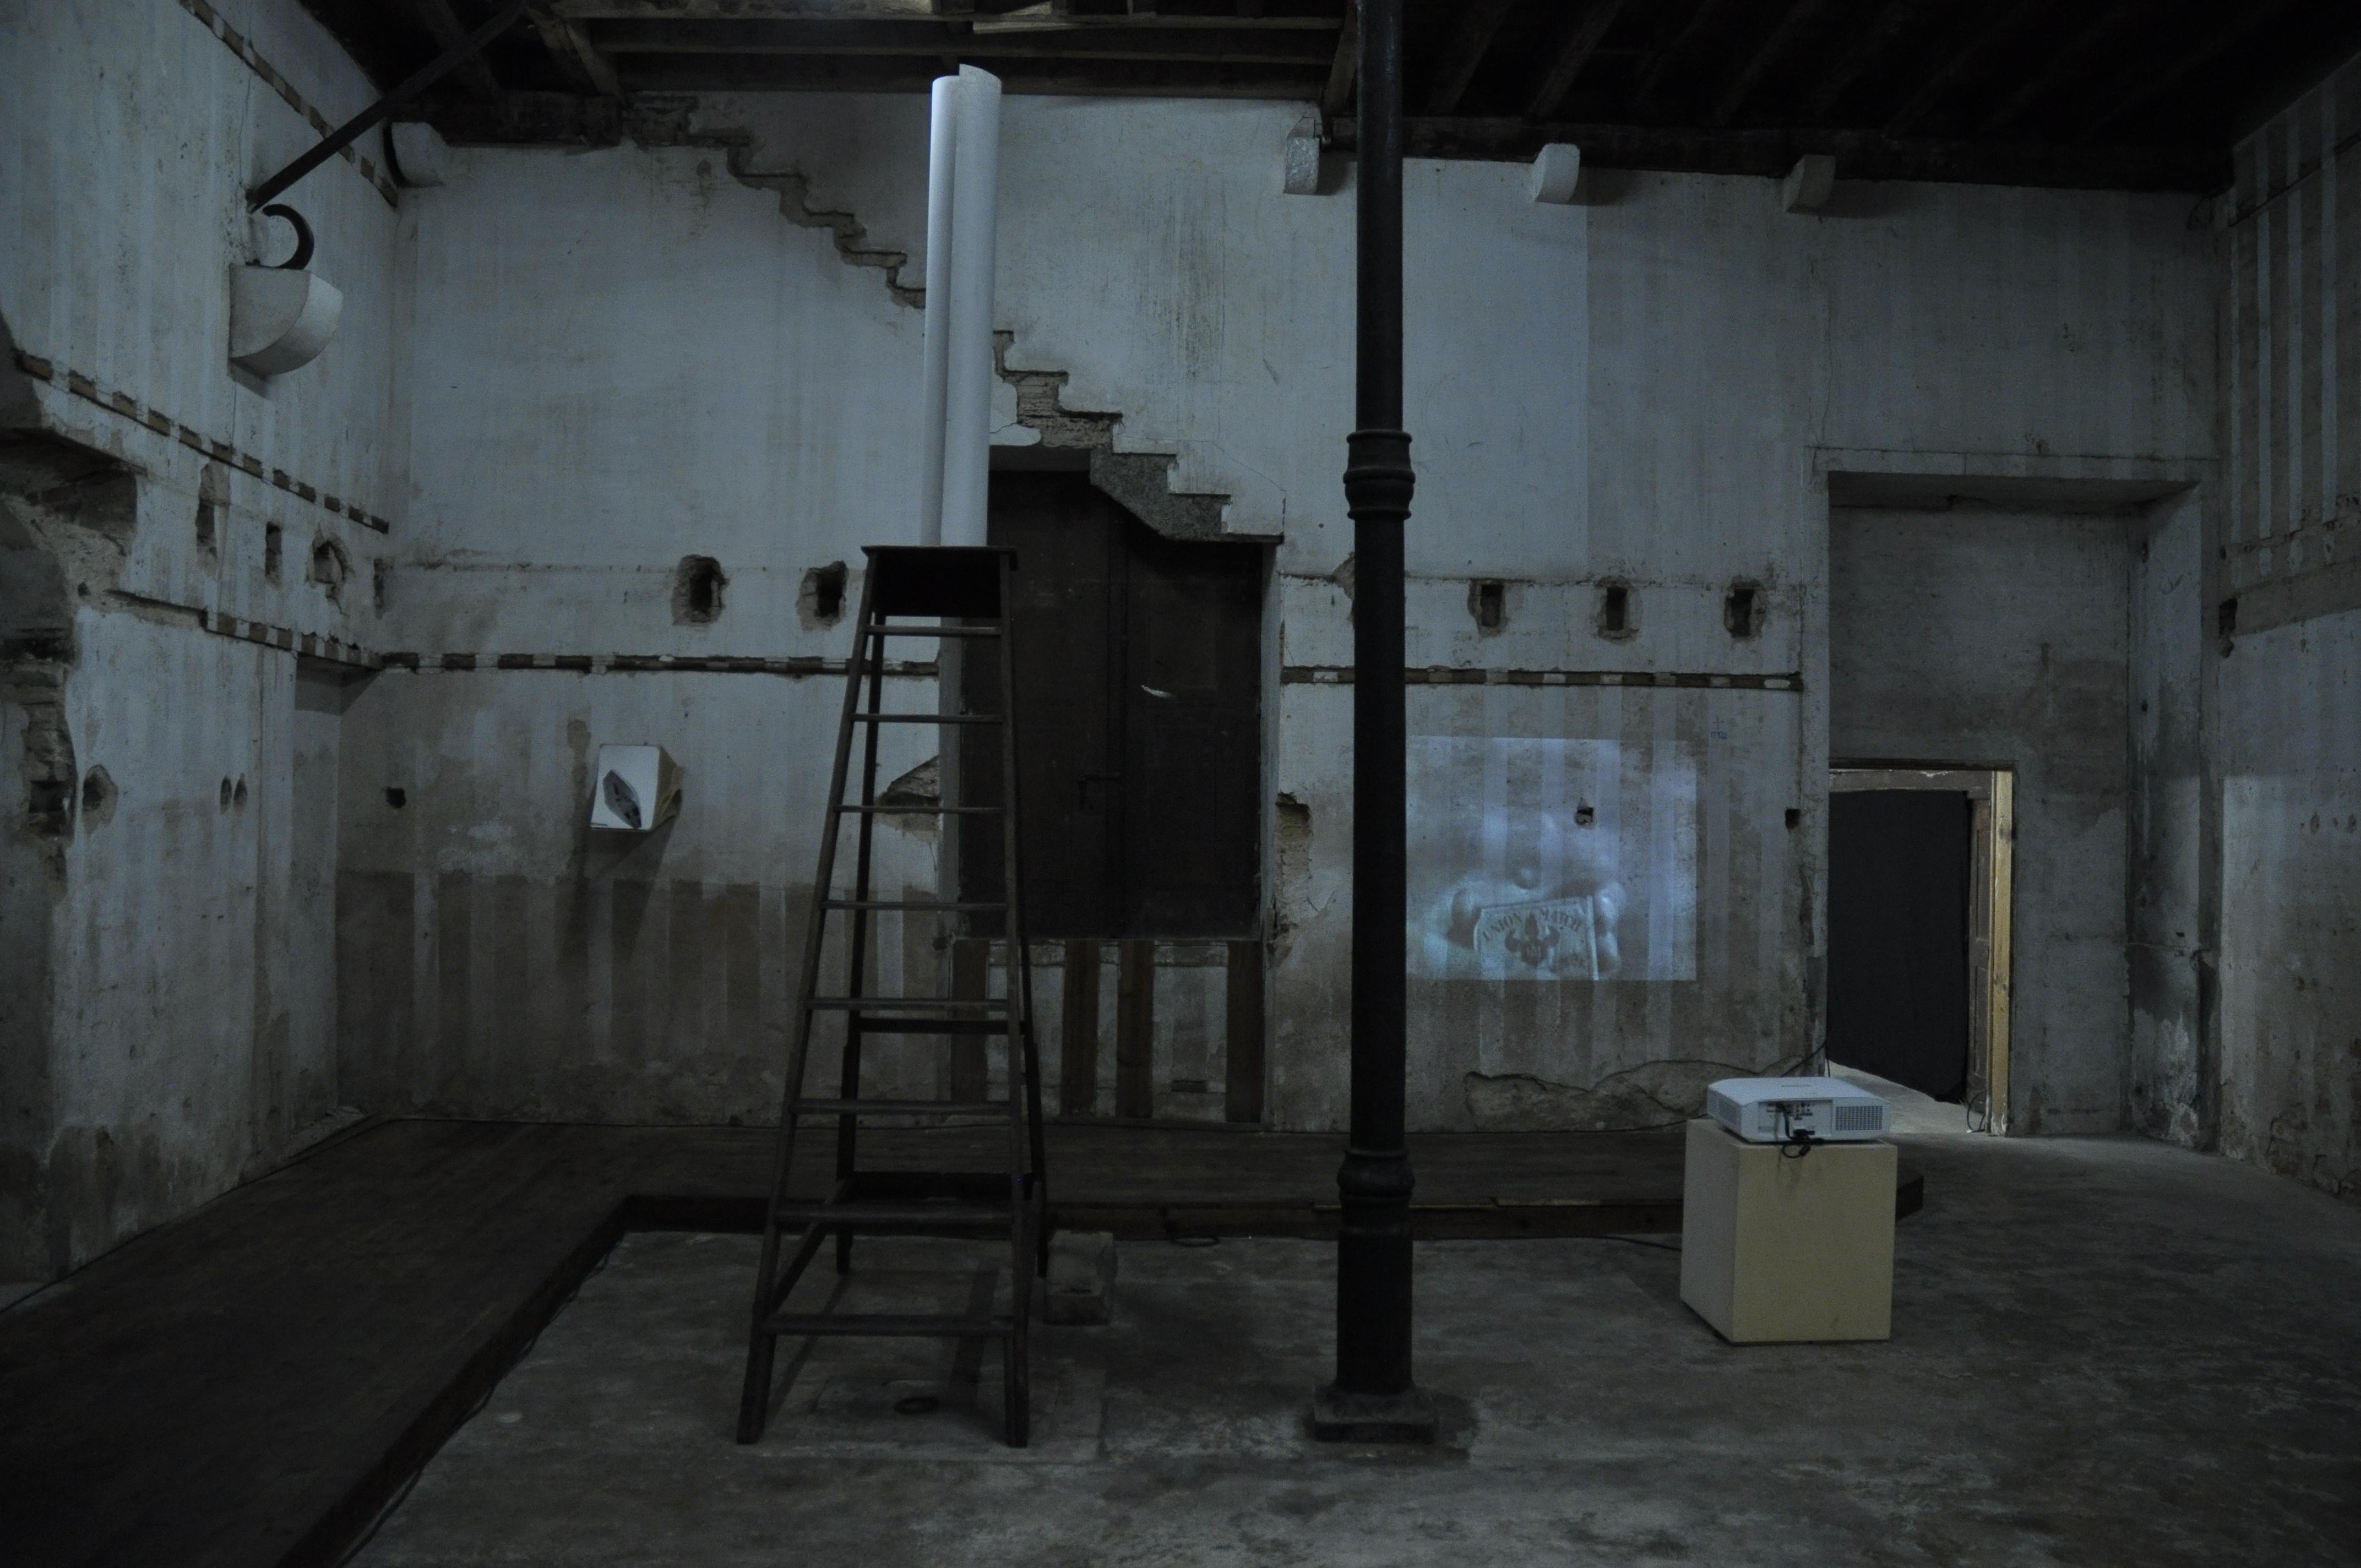 memorias-da-vanguarda-70s-10s-02